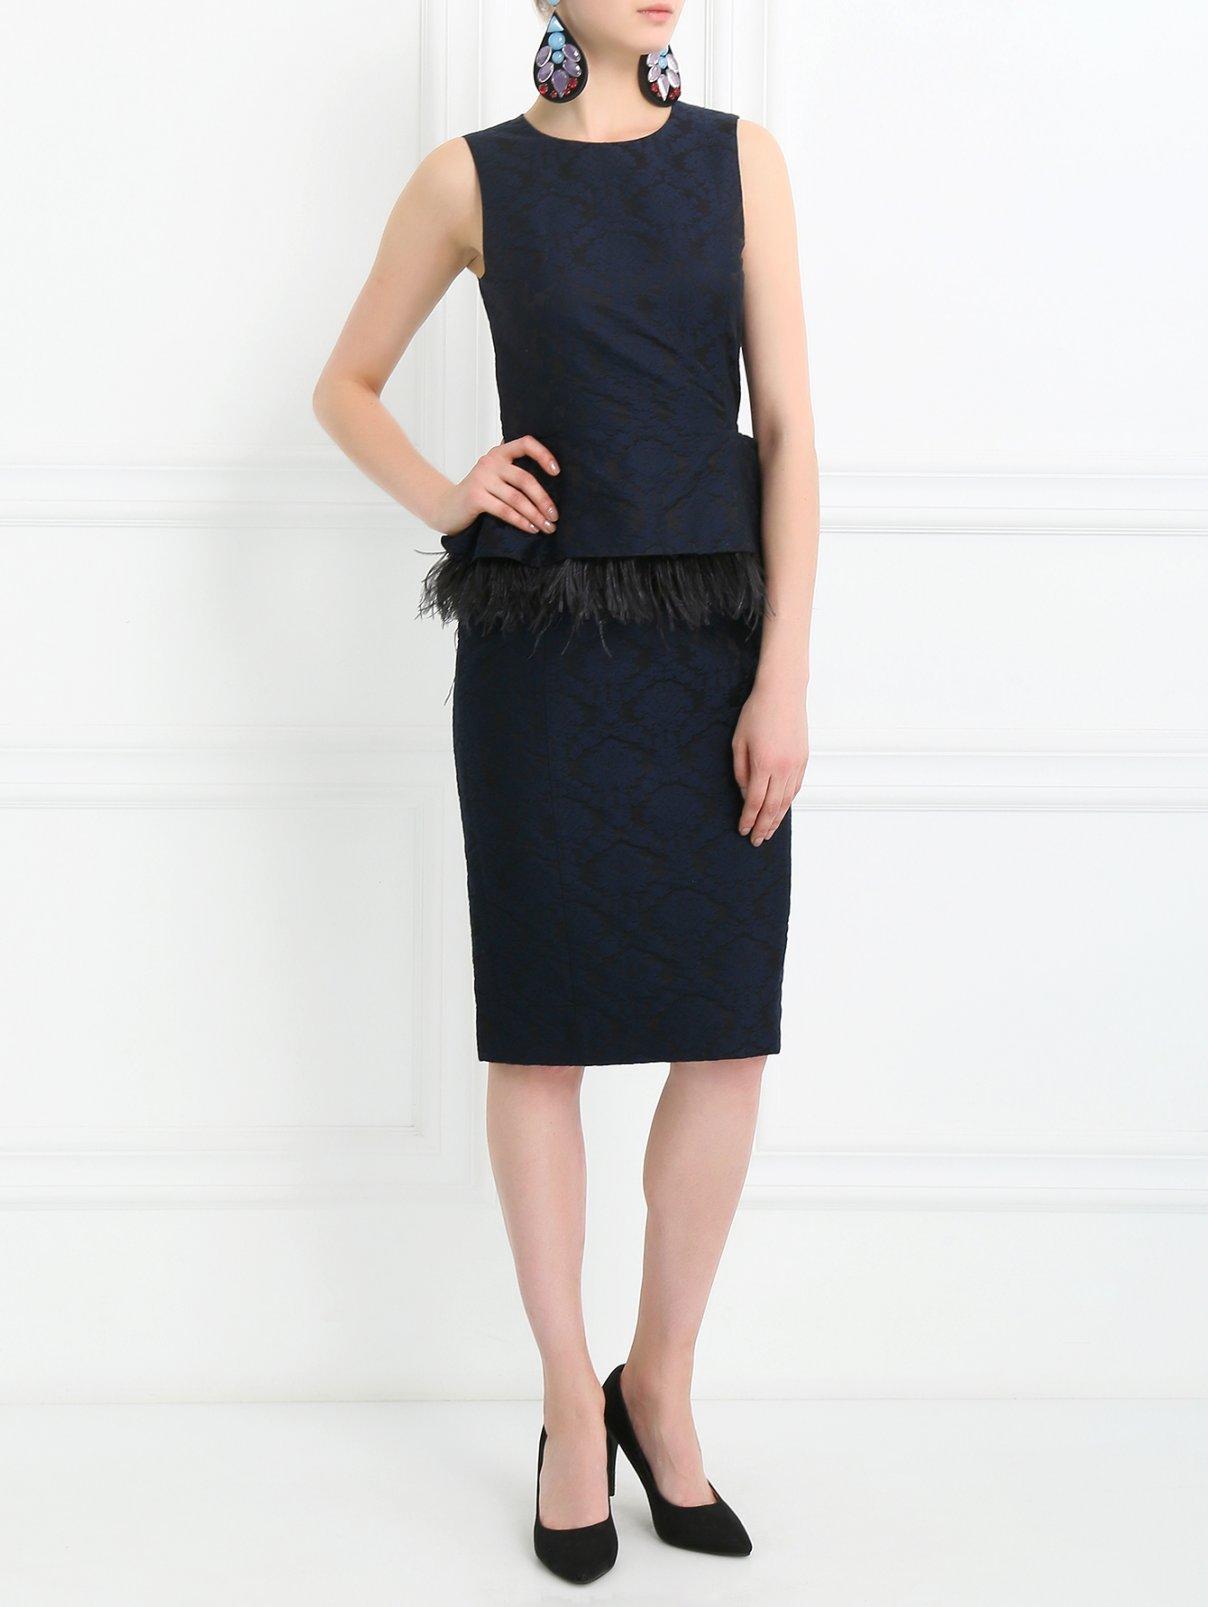 Платье-футляр с баской, декорированное перьями Michael Kors  –  Модель Общий вид